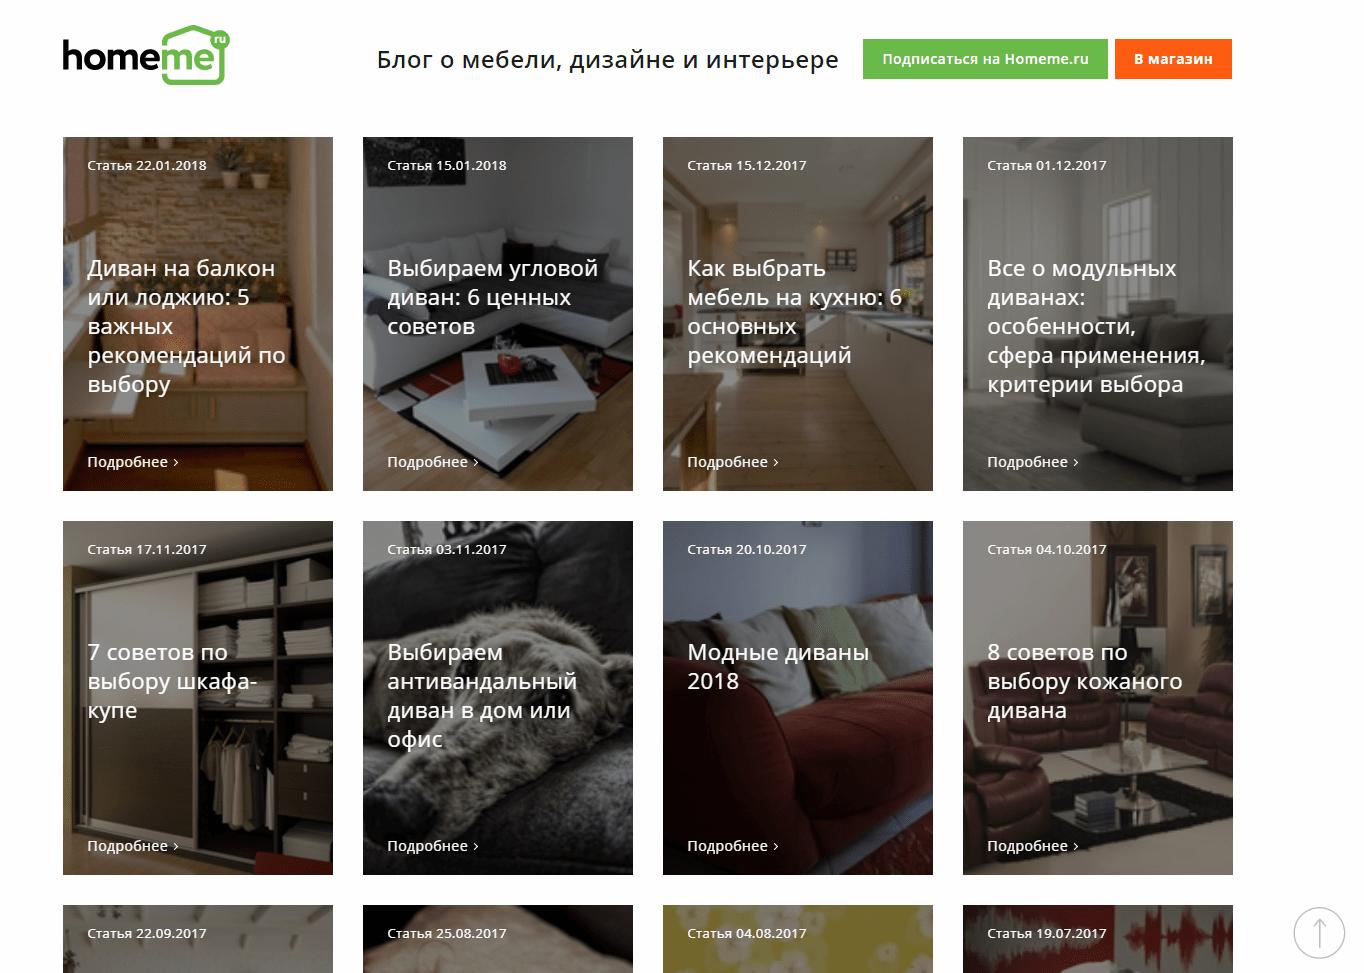 Форма сбора контактов в блоге Homeme.ru